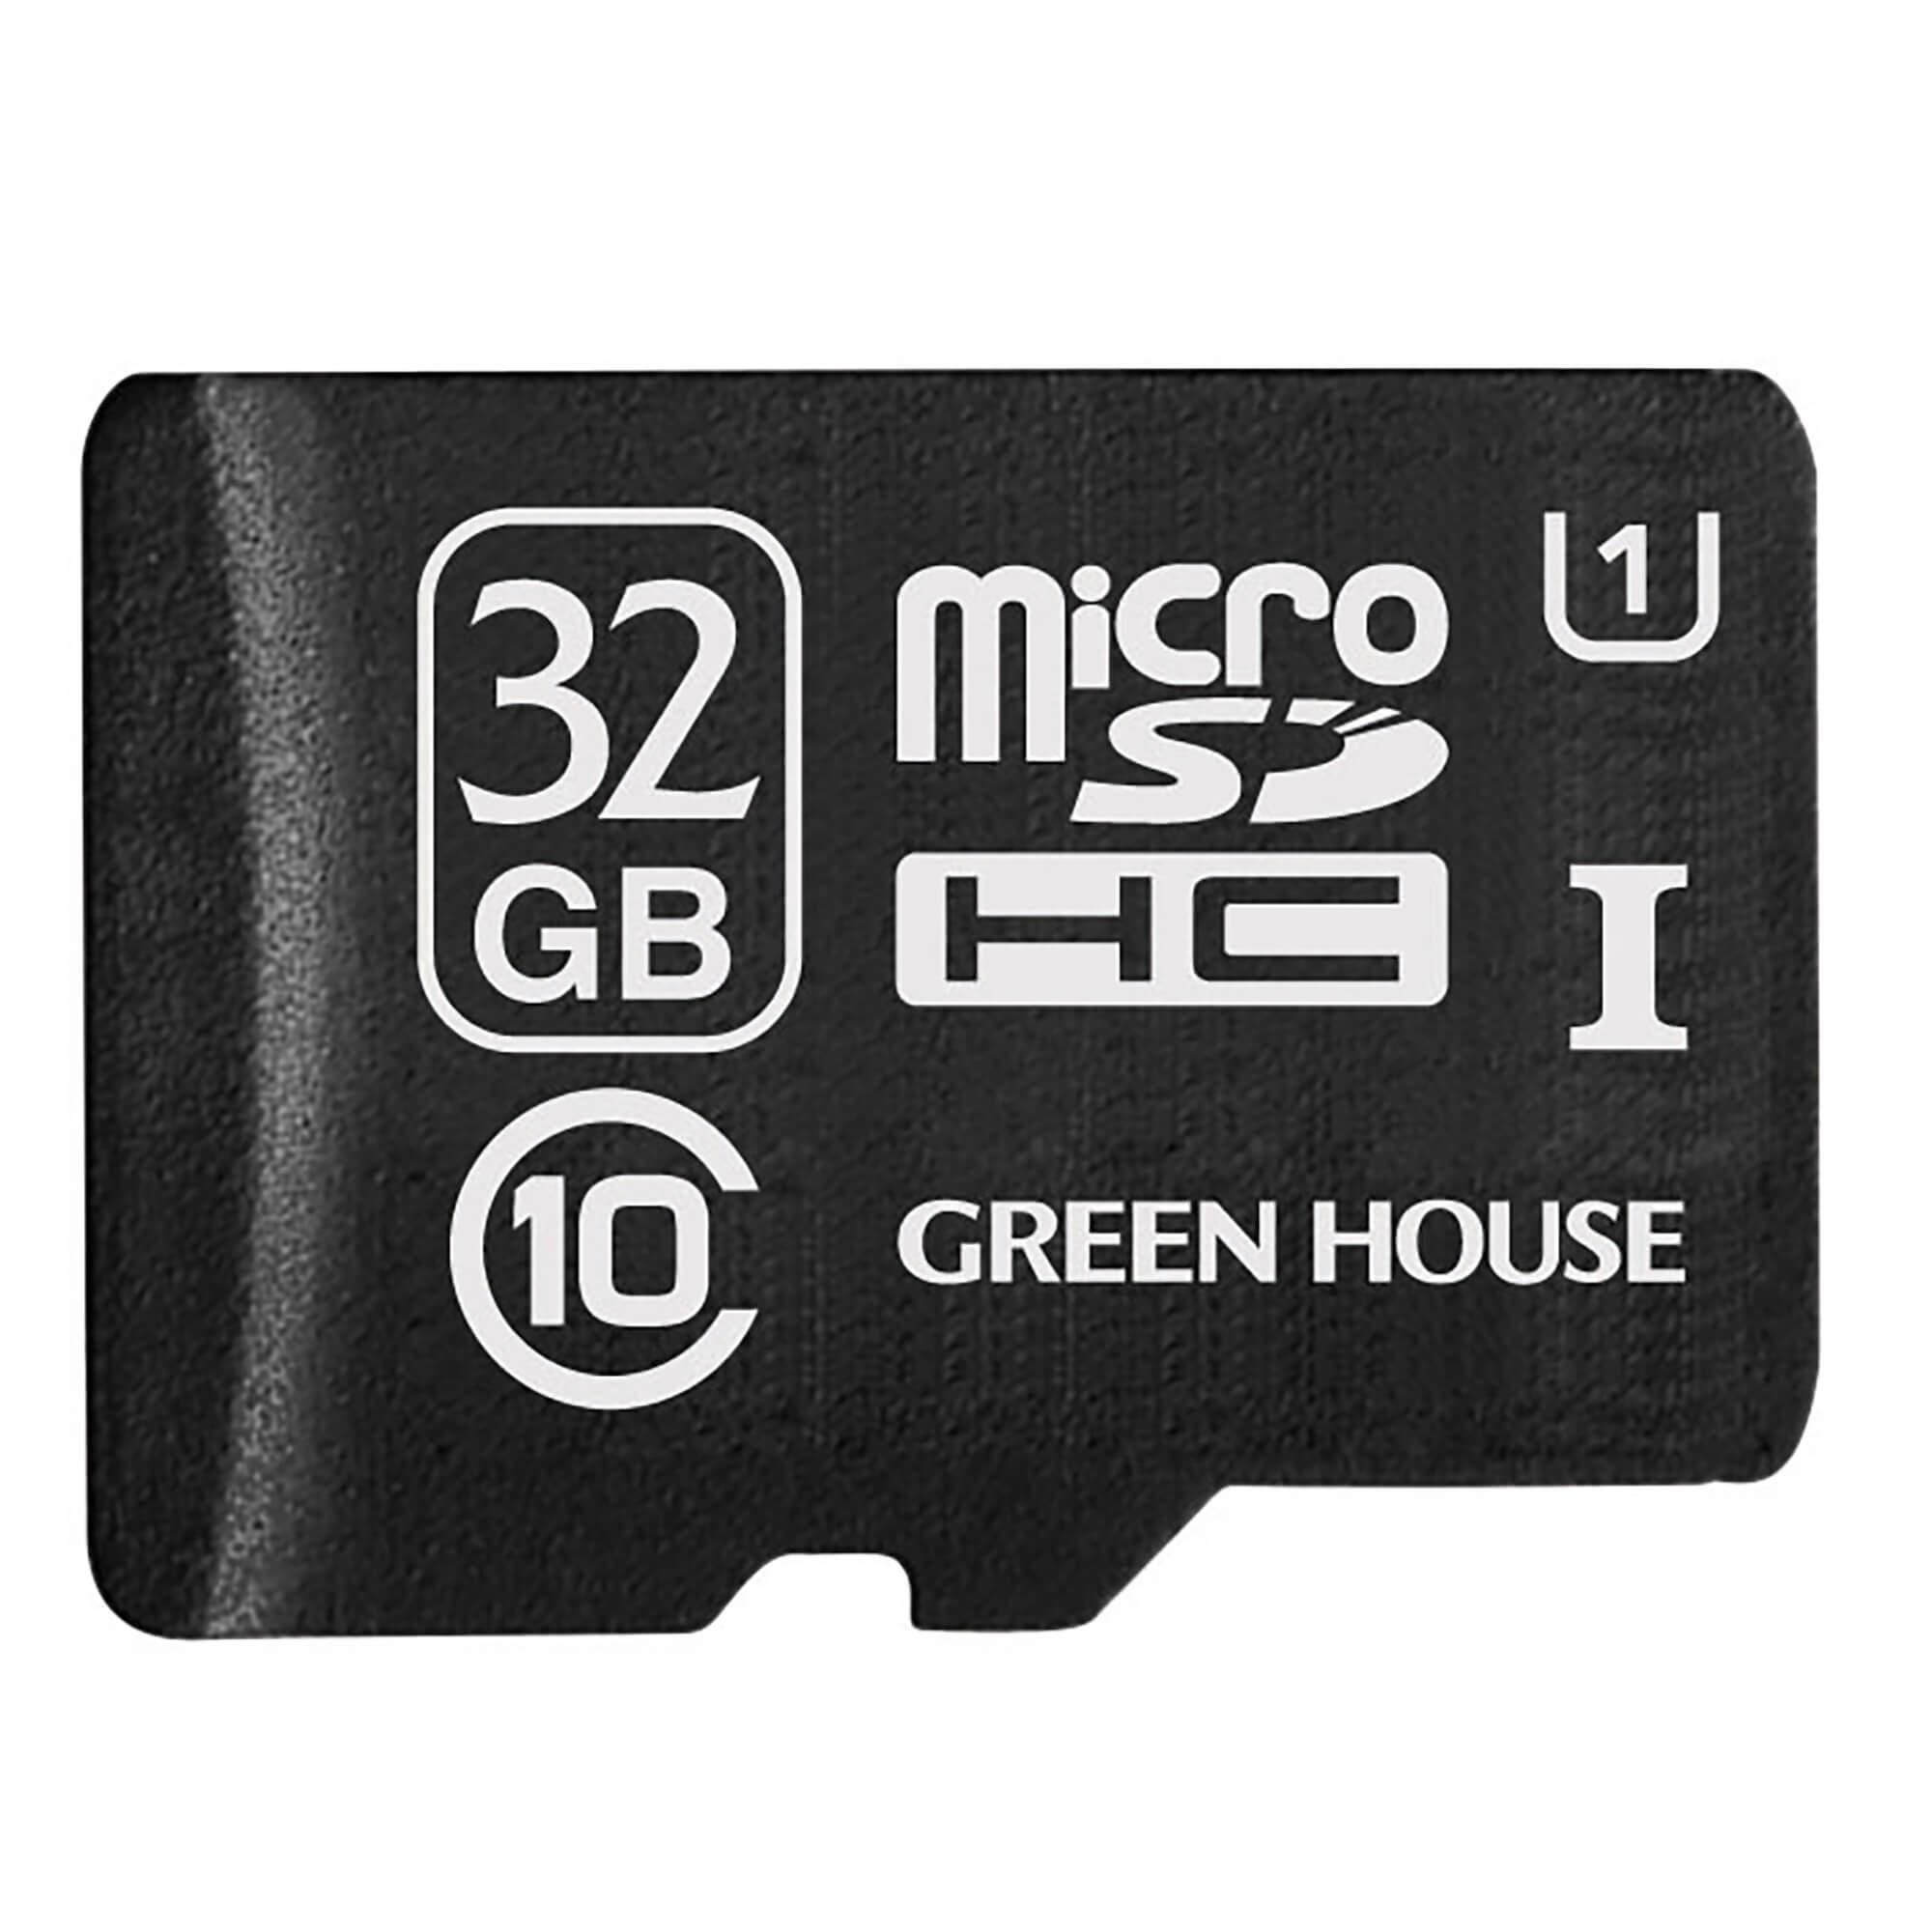 GH-SDMRHC*Uシリーズ